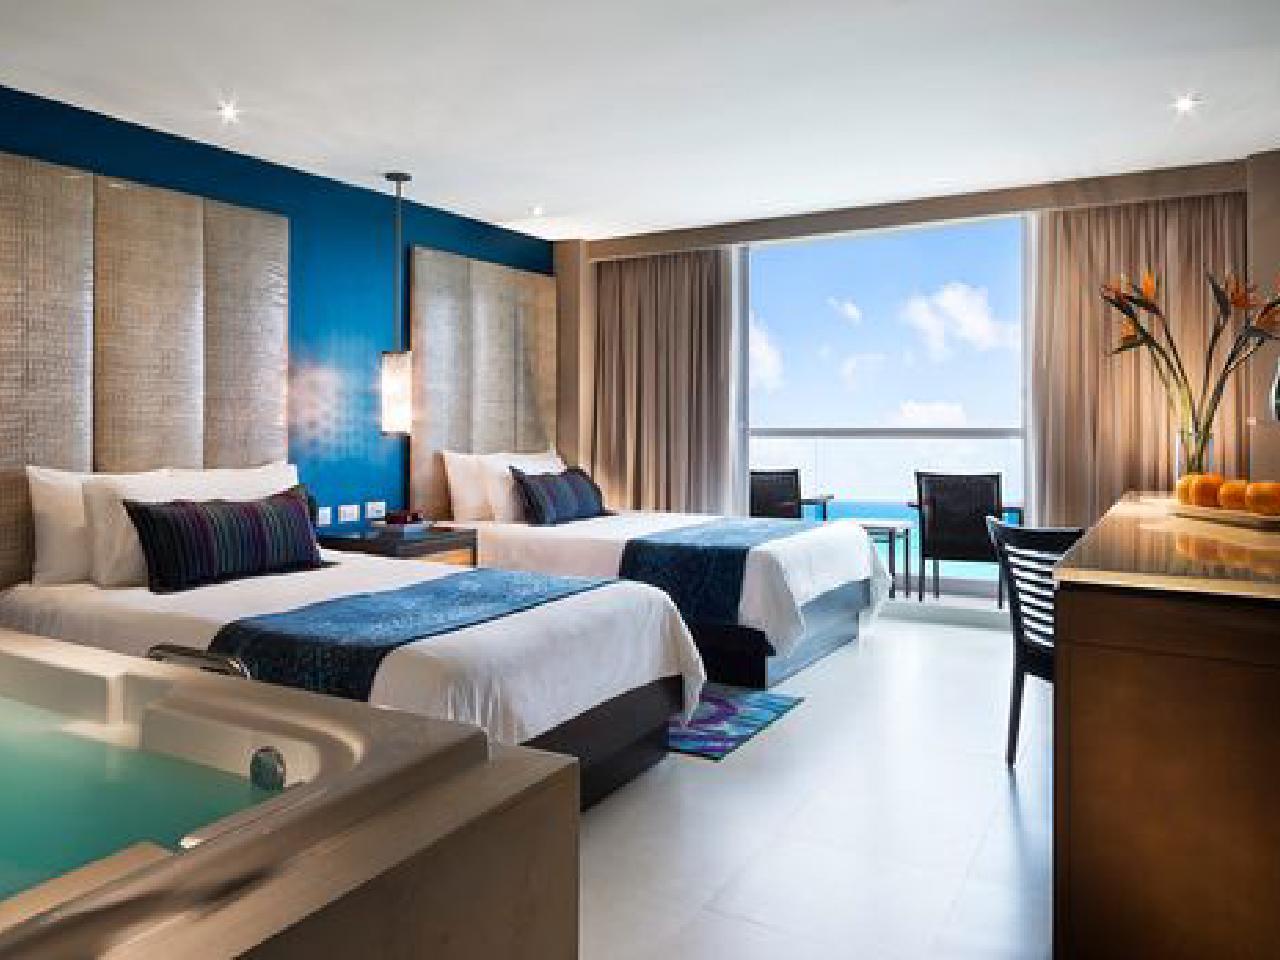 Habitación de hotel - Bodas en la playa